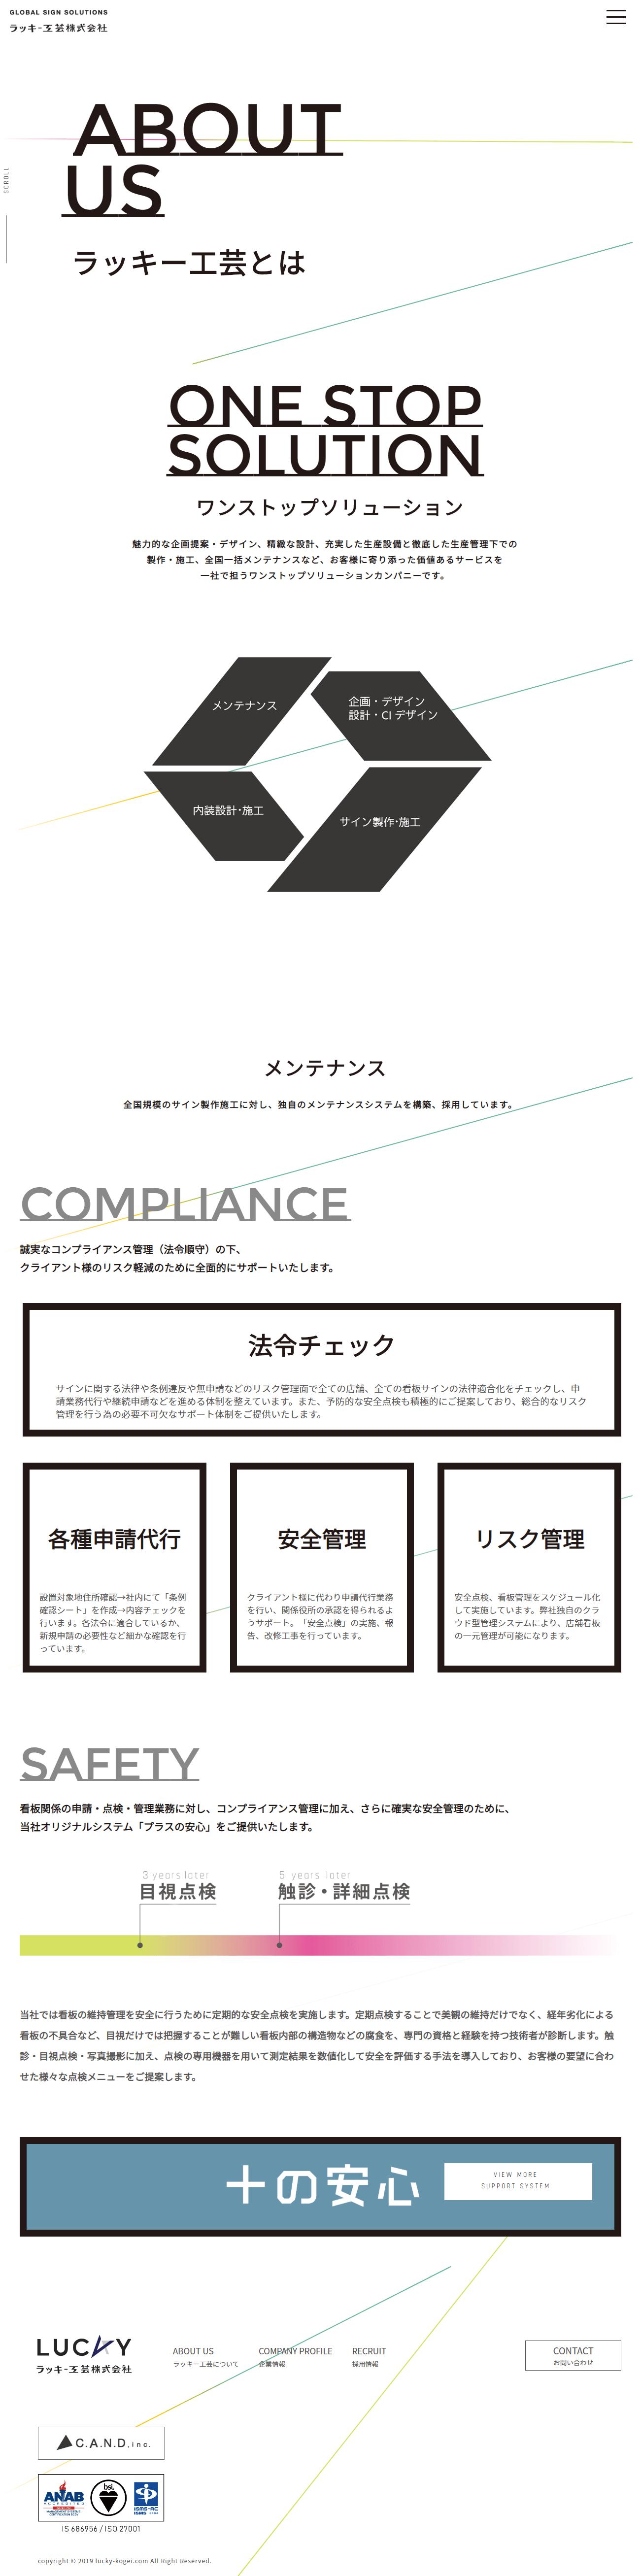 姫路市 ラッキー工芸株式会社 ホームページ制作2